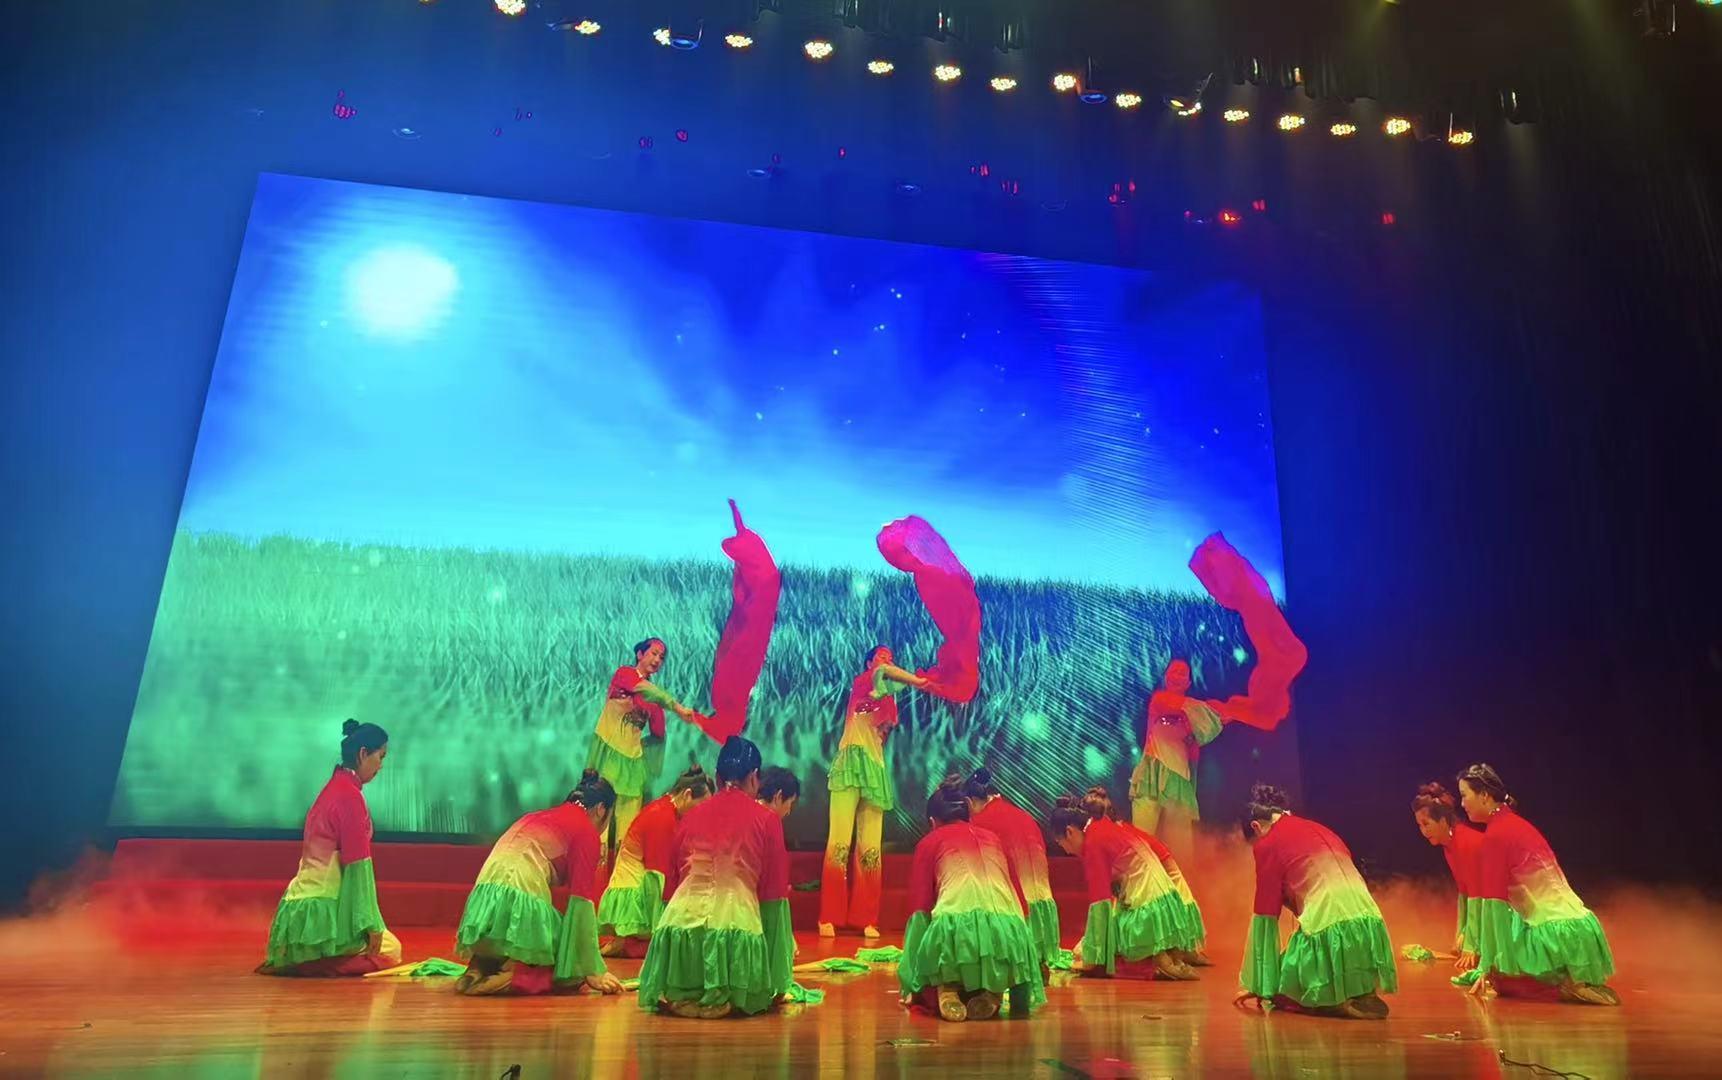 红色文化、非遗展示、体育比赛……浦东书院启动这一全民舞台,20余项艺术活动和文体赛事来了